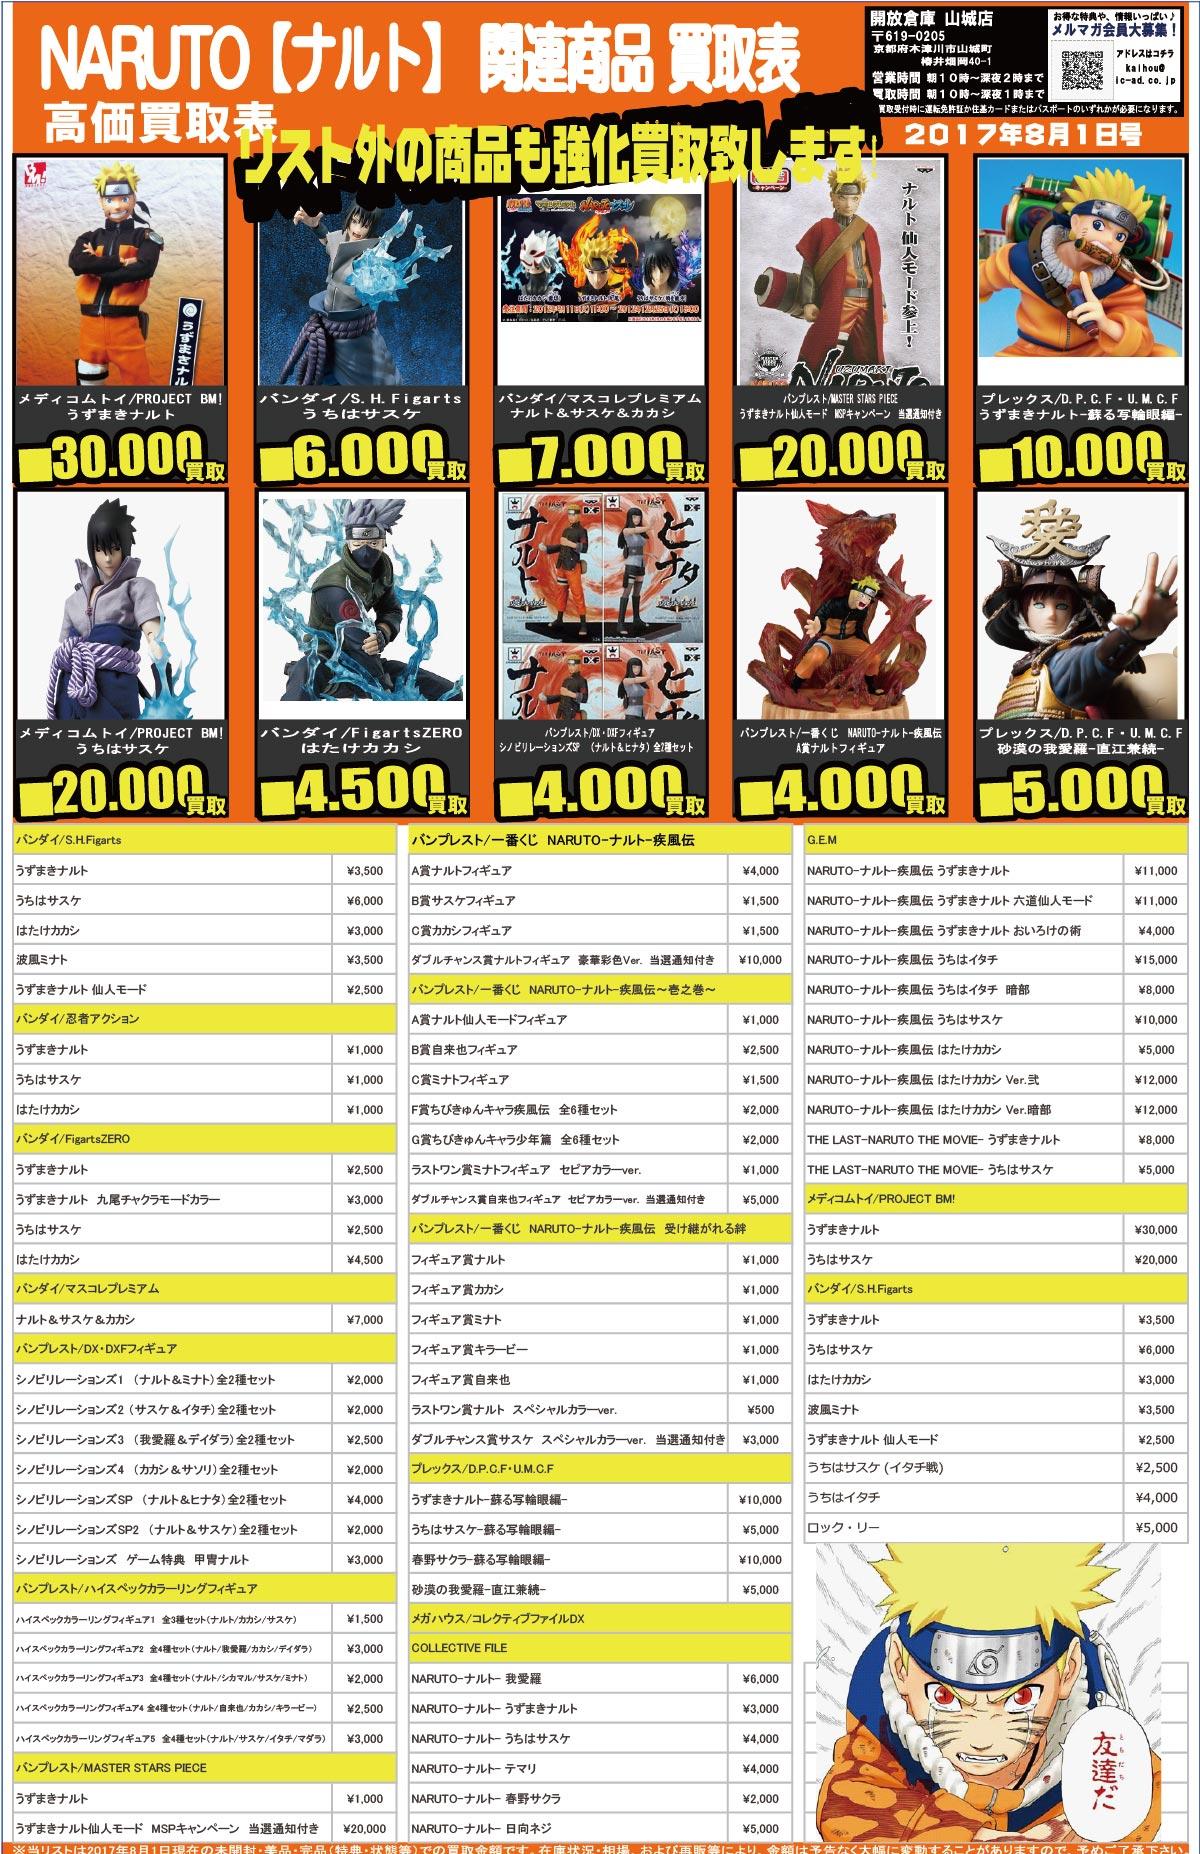 「開放倉庫山城店」おもちゃ買取表<8月1日号>NARUTO【ナルト】関連商品、高価買取表!リスト外の商品も強化買取いたします!